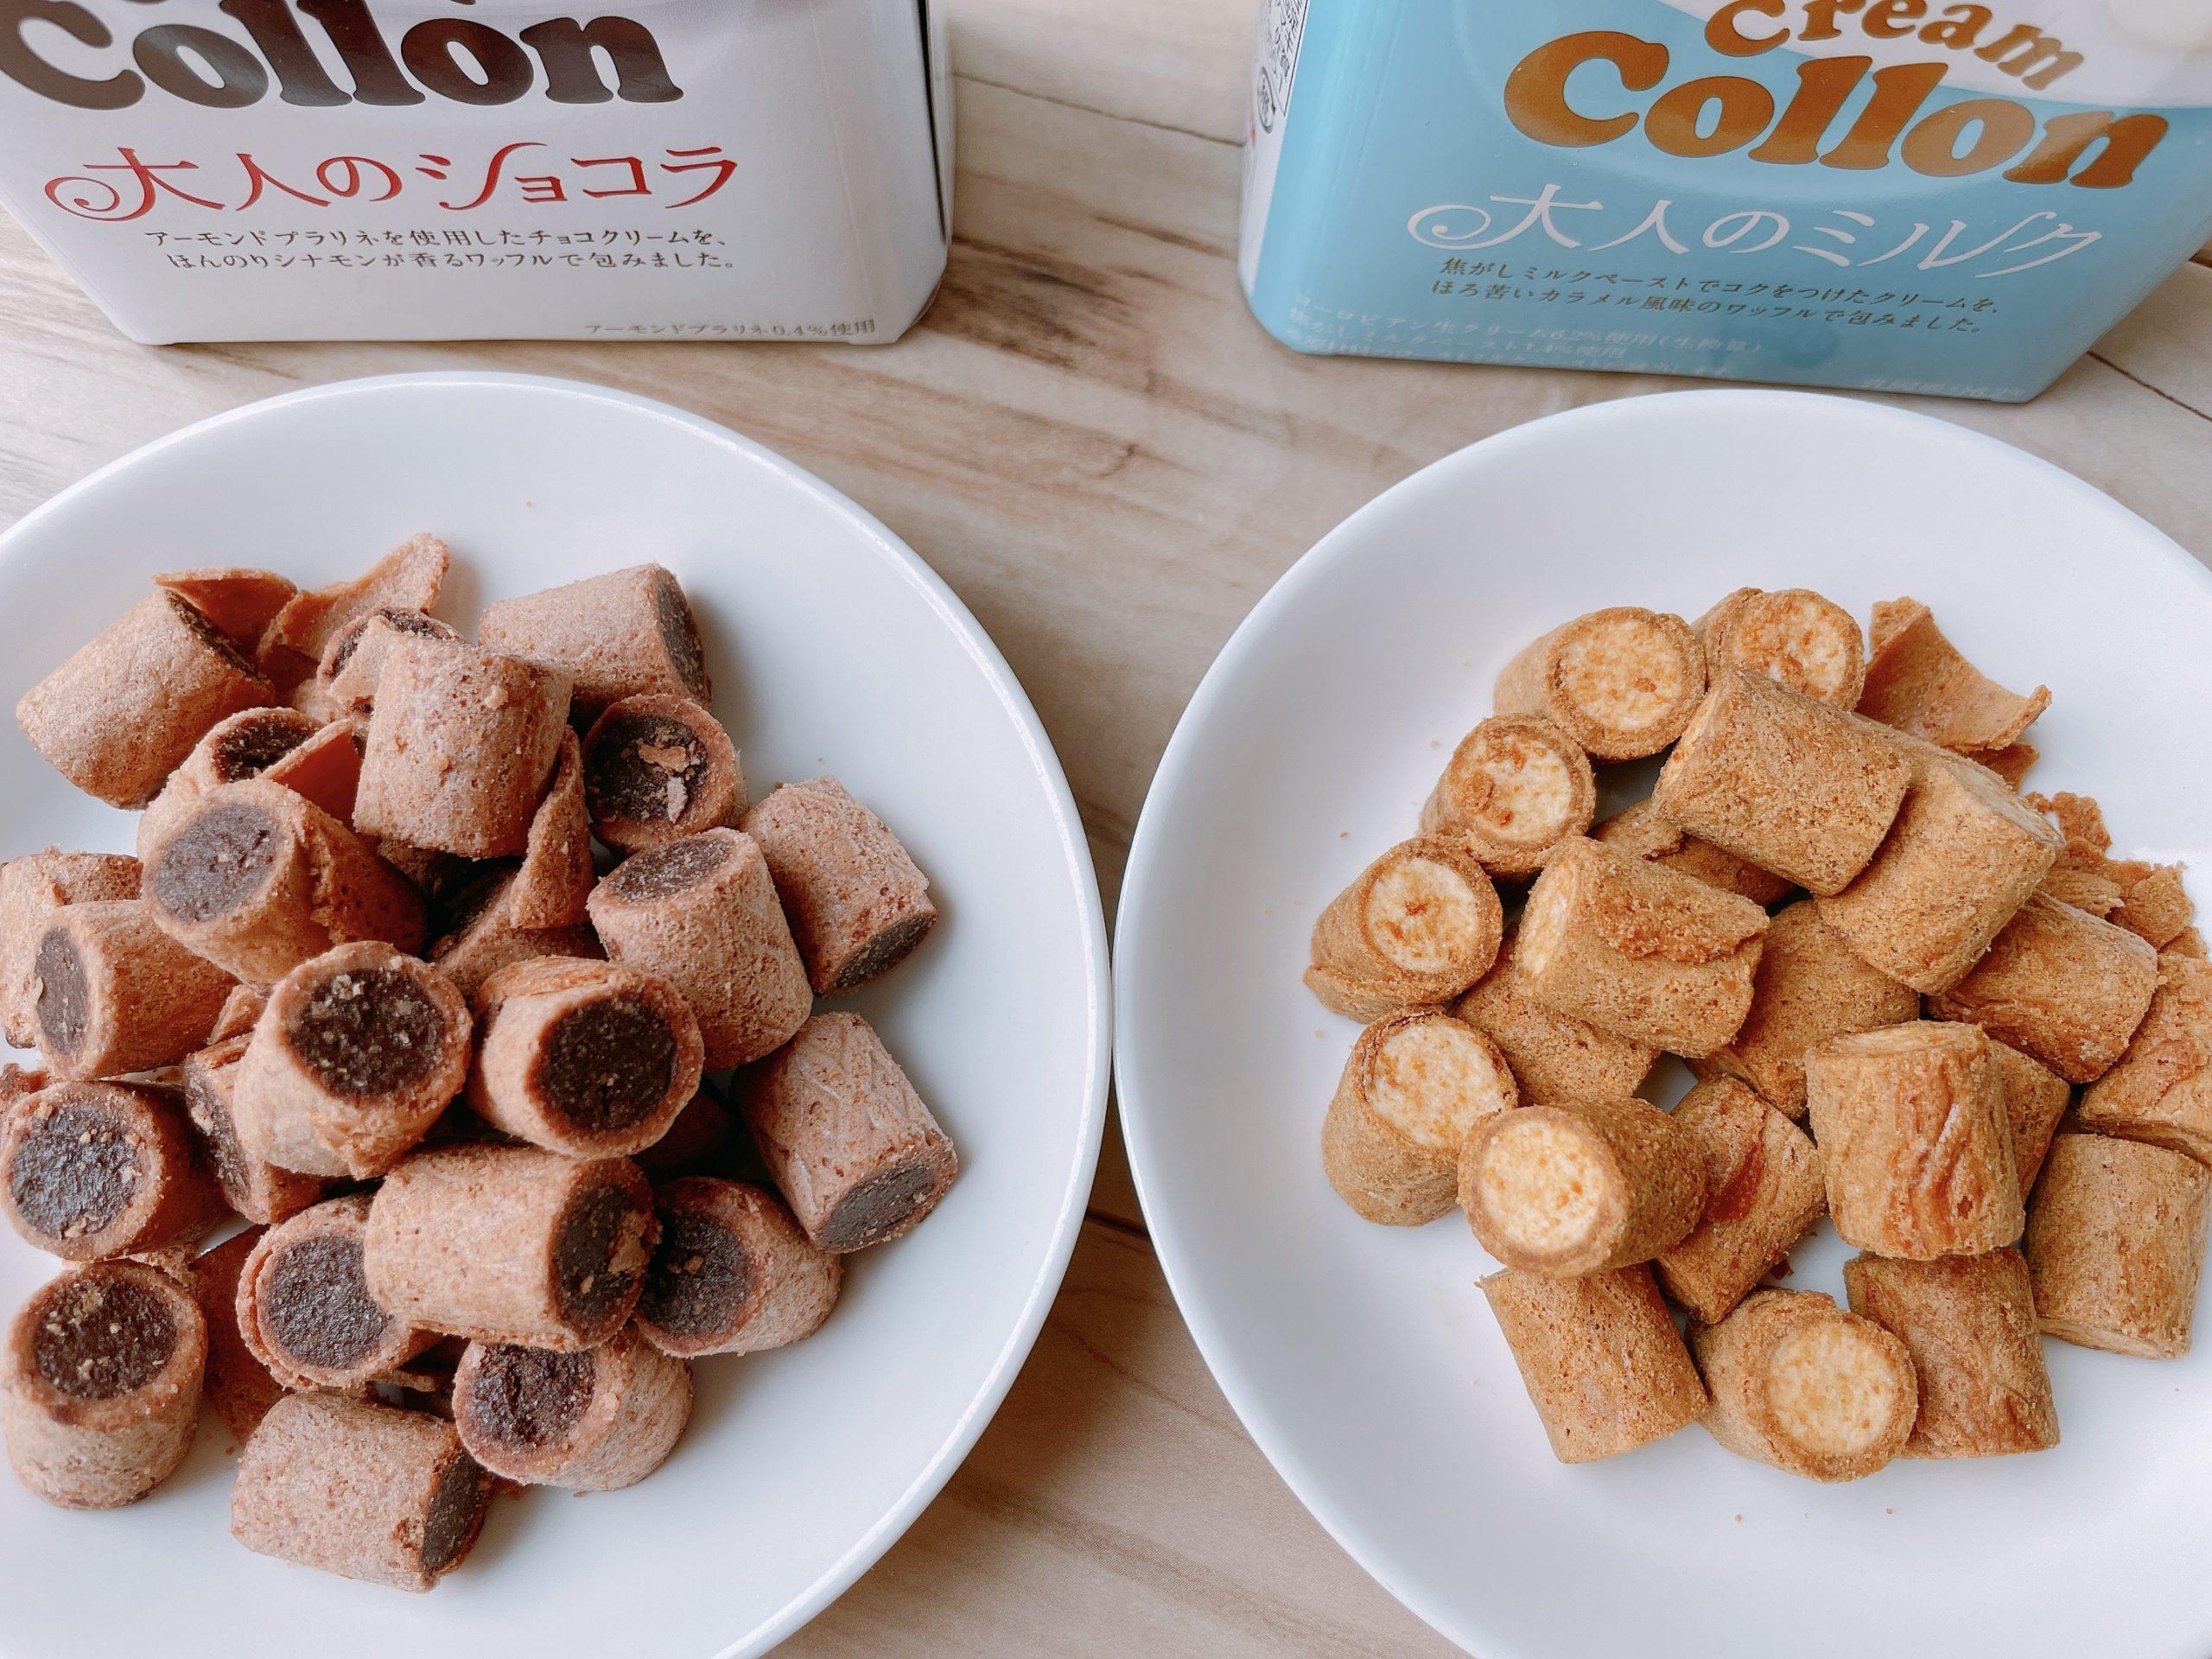 クリームコロン<大人のミルク>と<大人のショコラ>のおすすめしない食べ方